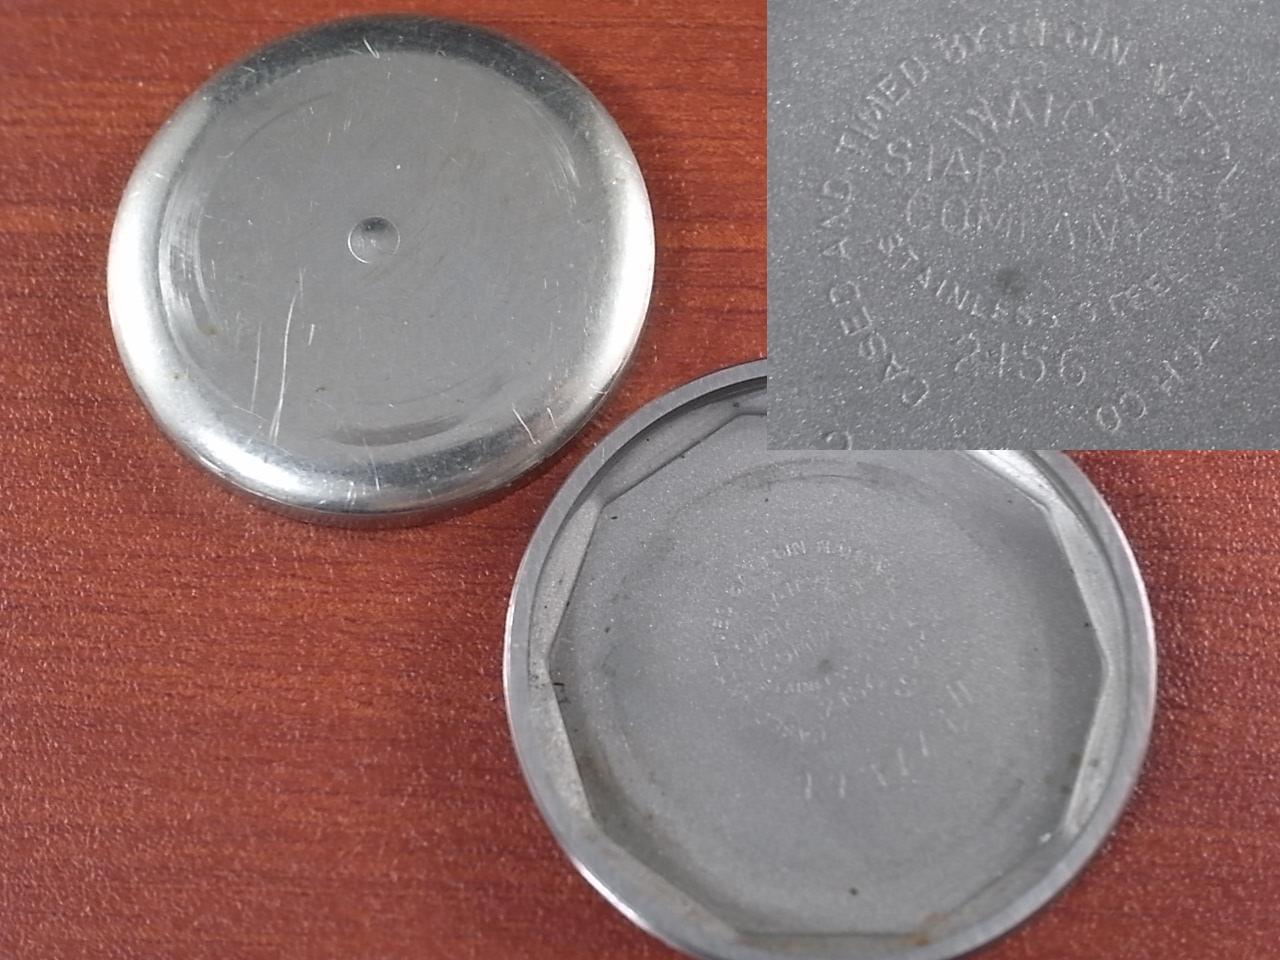 エルジン 軍用時計 アメリカ海軍 USN BUSHIPS   UDT(水中爆破チーム)の写真6枚目